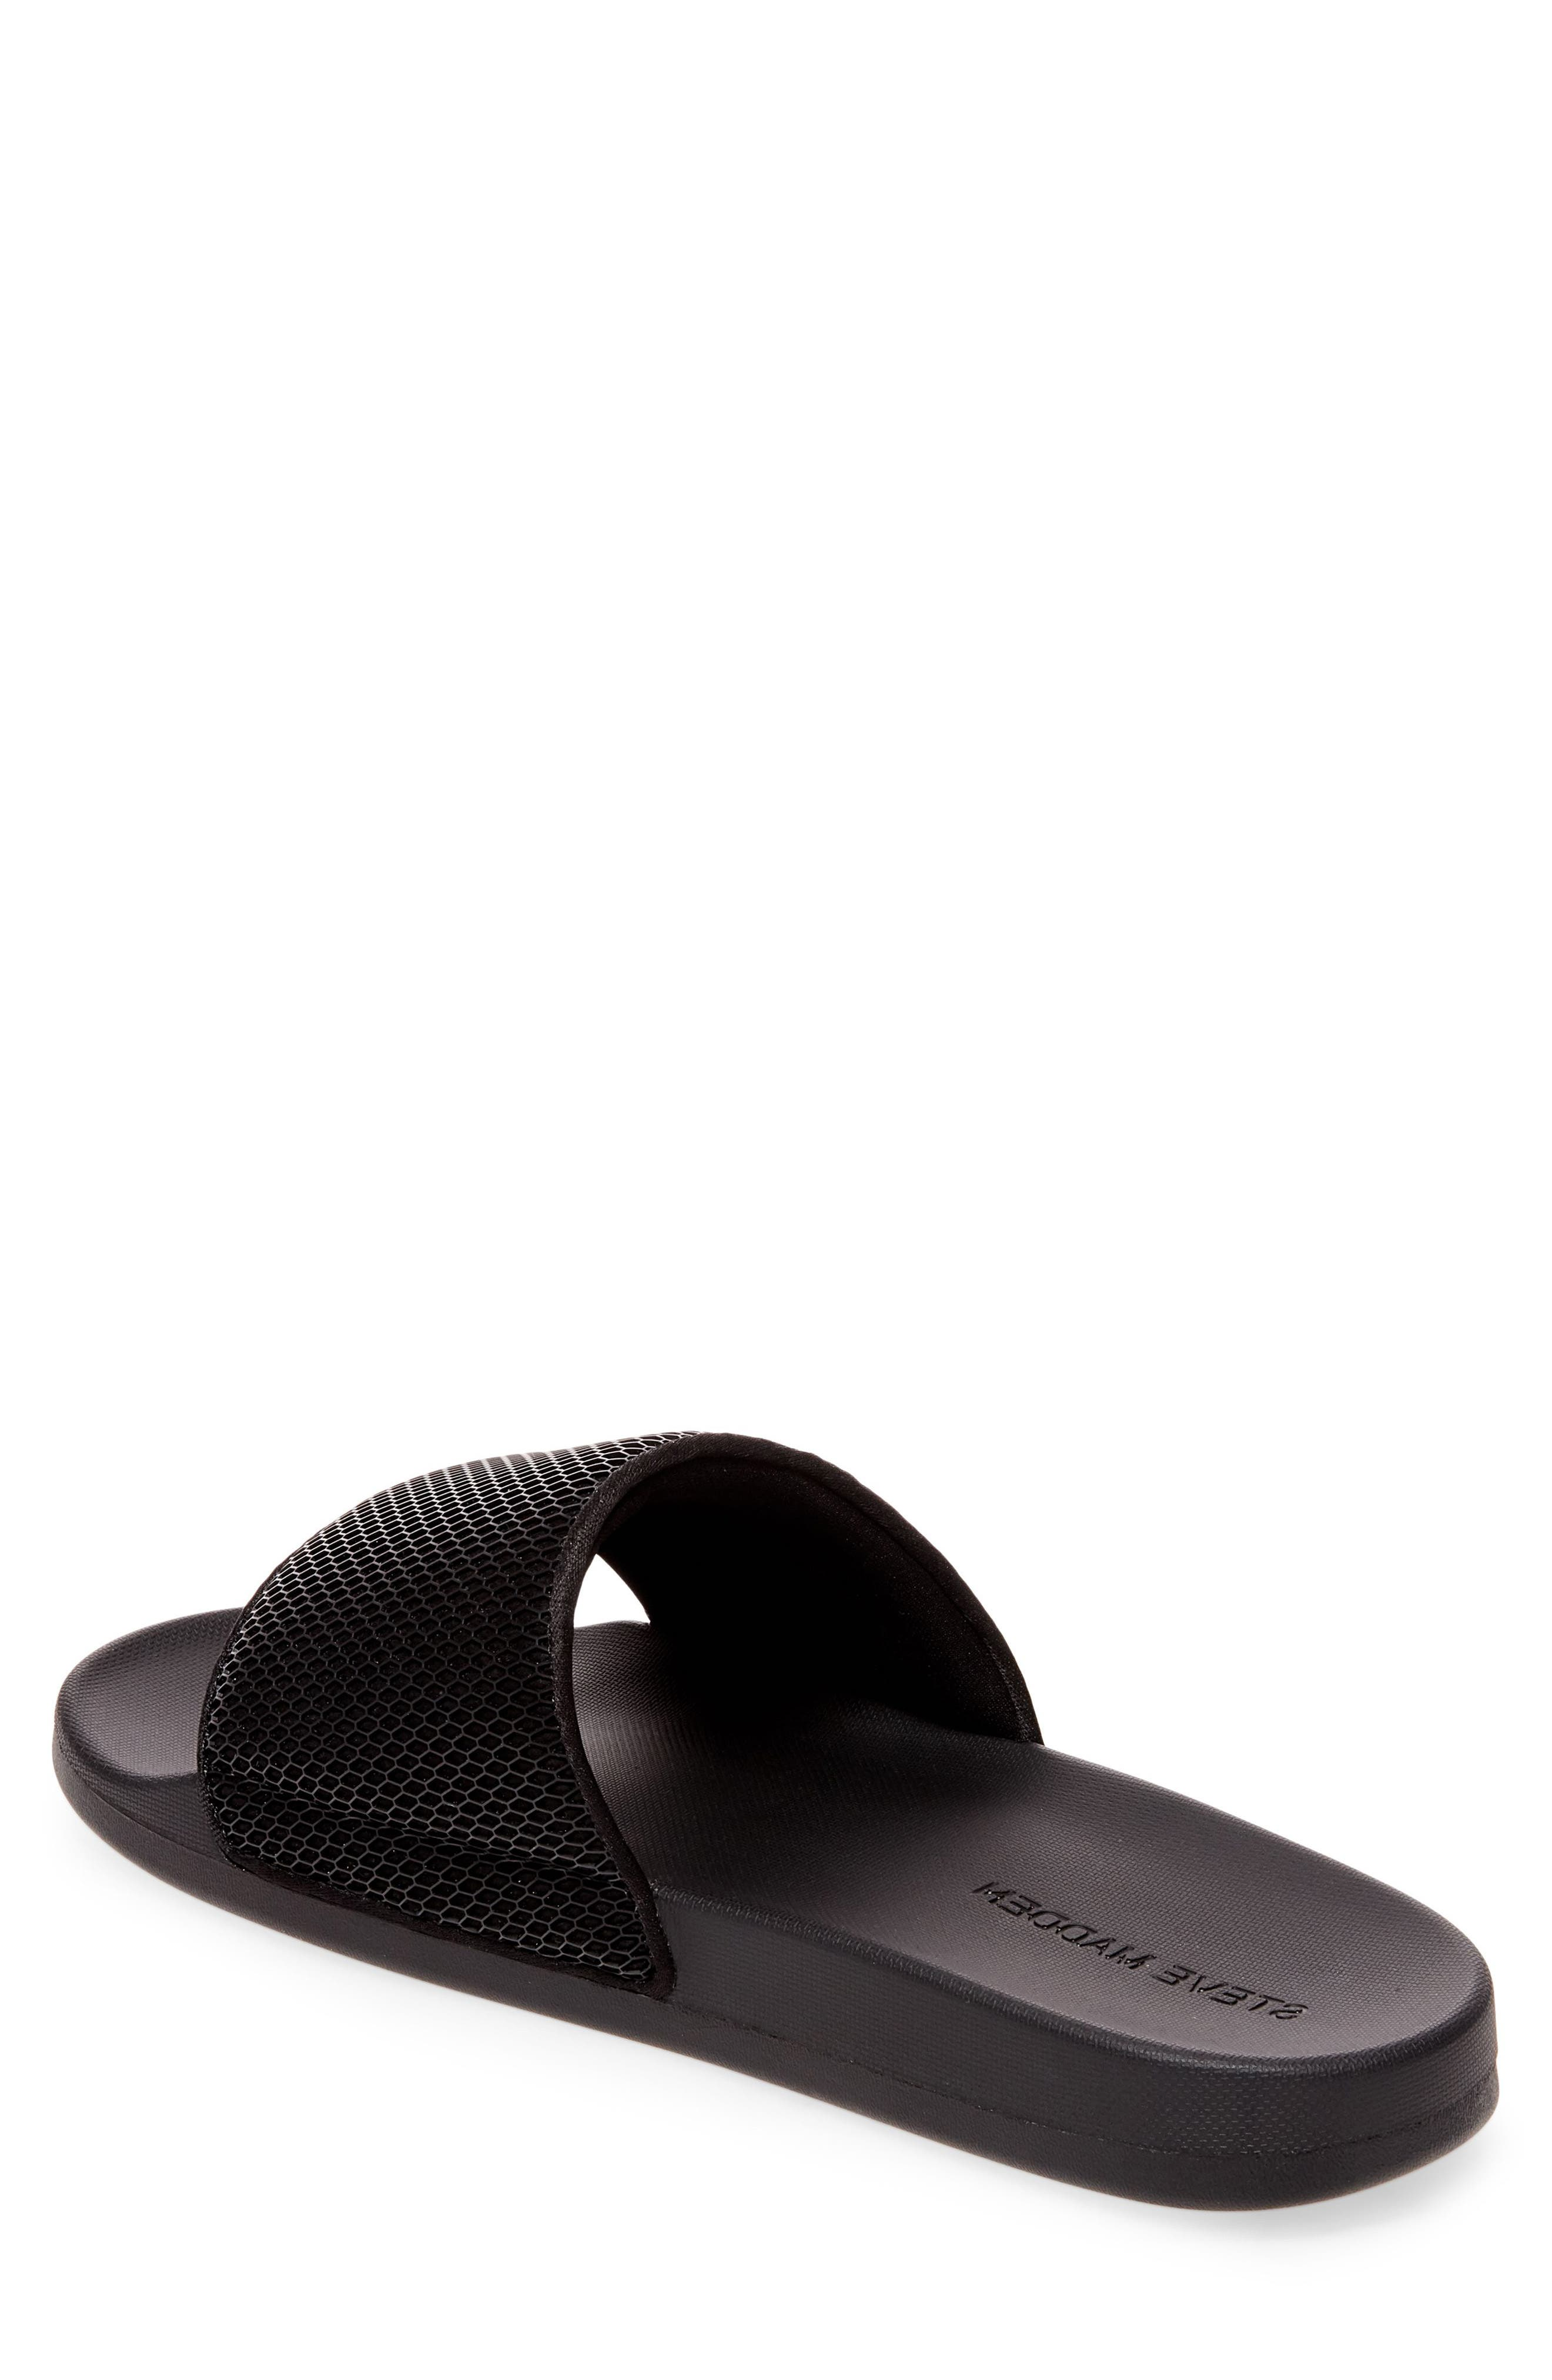 Alternate Image 3  - Steve Madden Ransom Slide Sandal (Men)